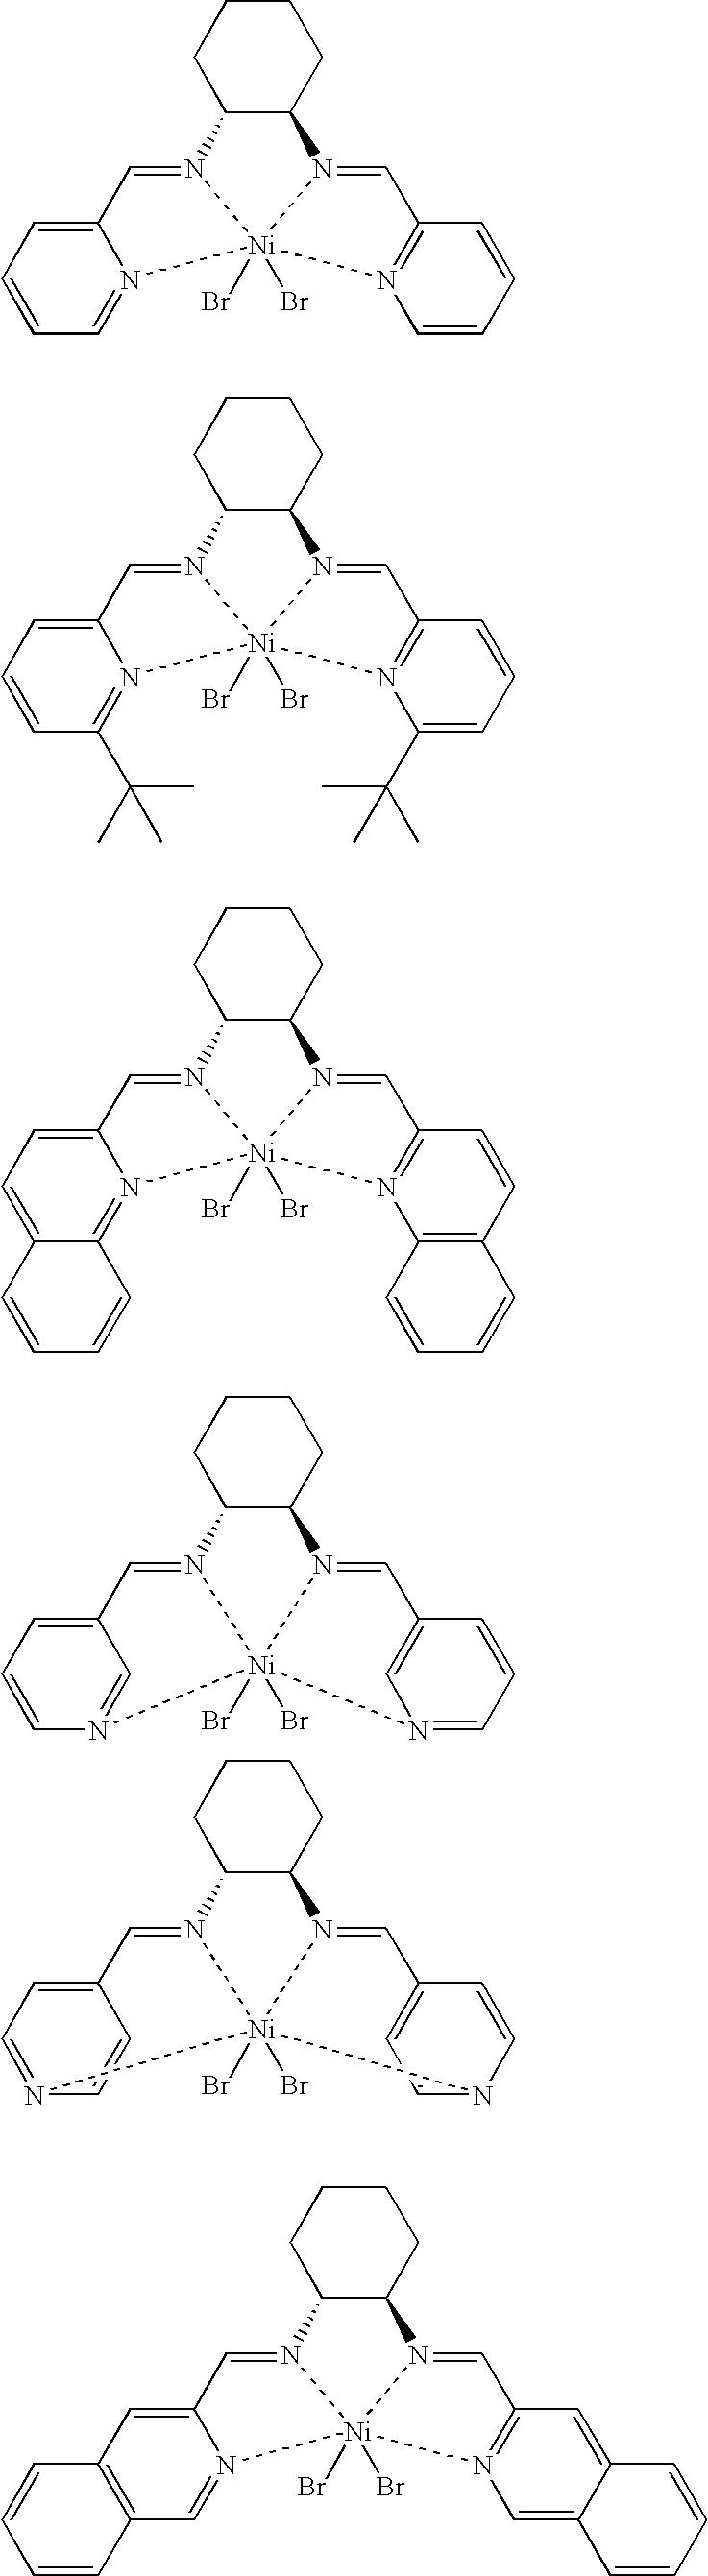 Figure US20060135352A1-20060622-C00005